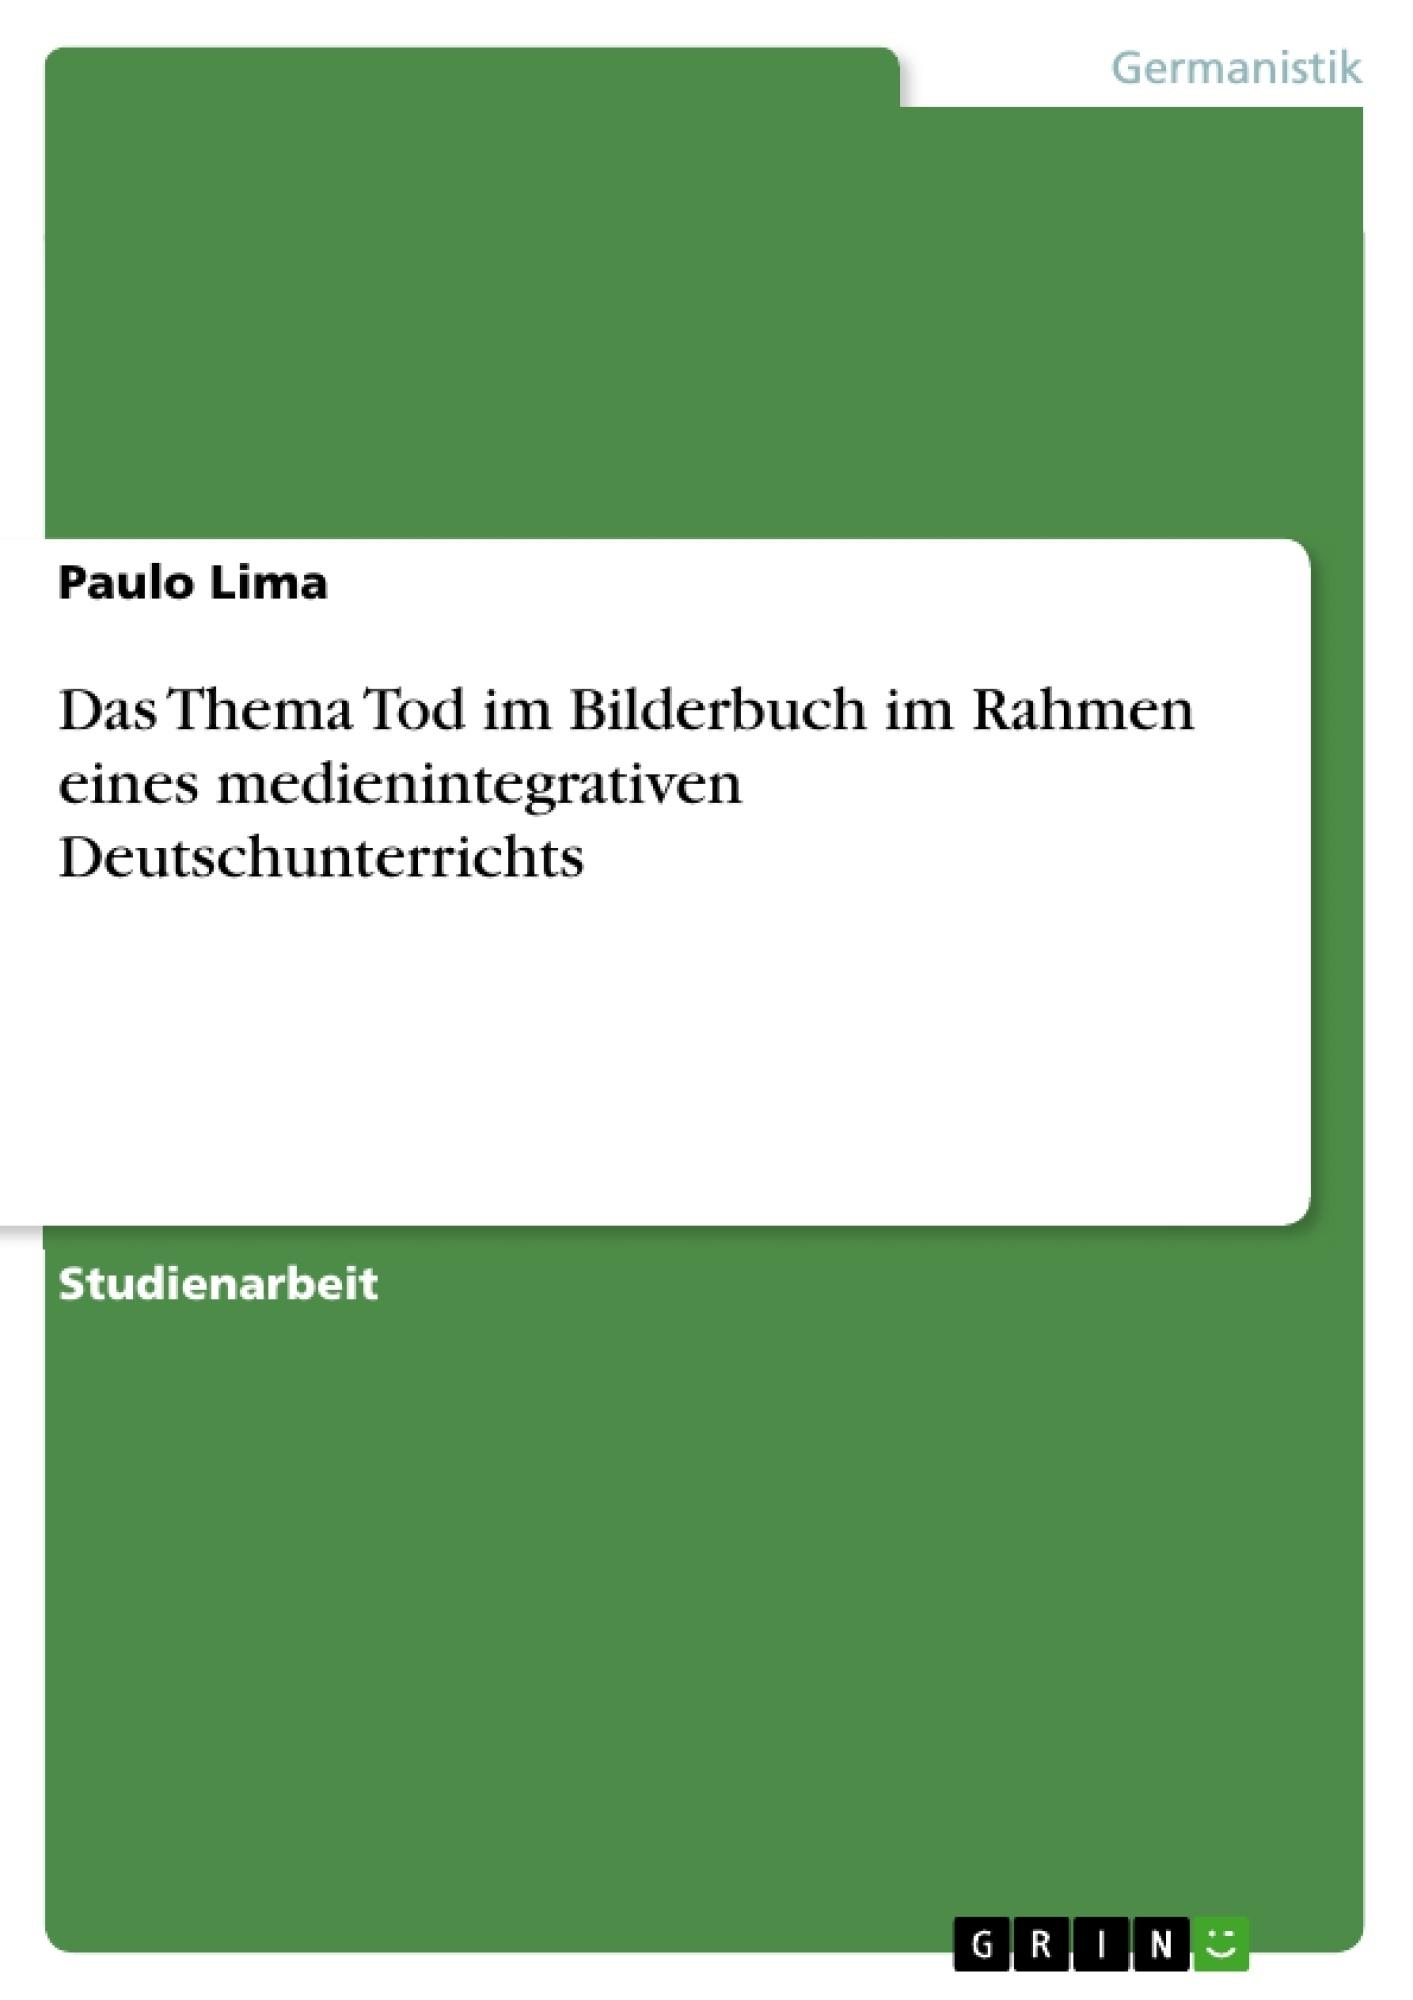 Das Thema Tod im Bilderbuch im Rahmen eines medienintegrativen ...